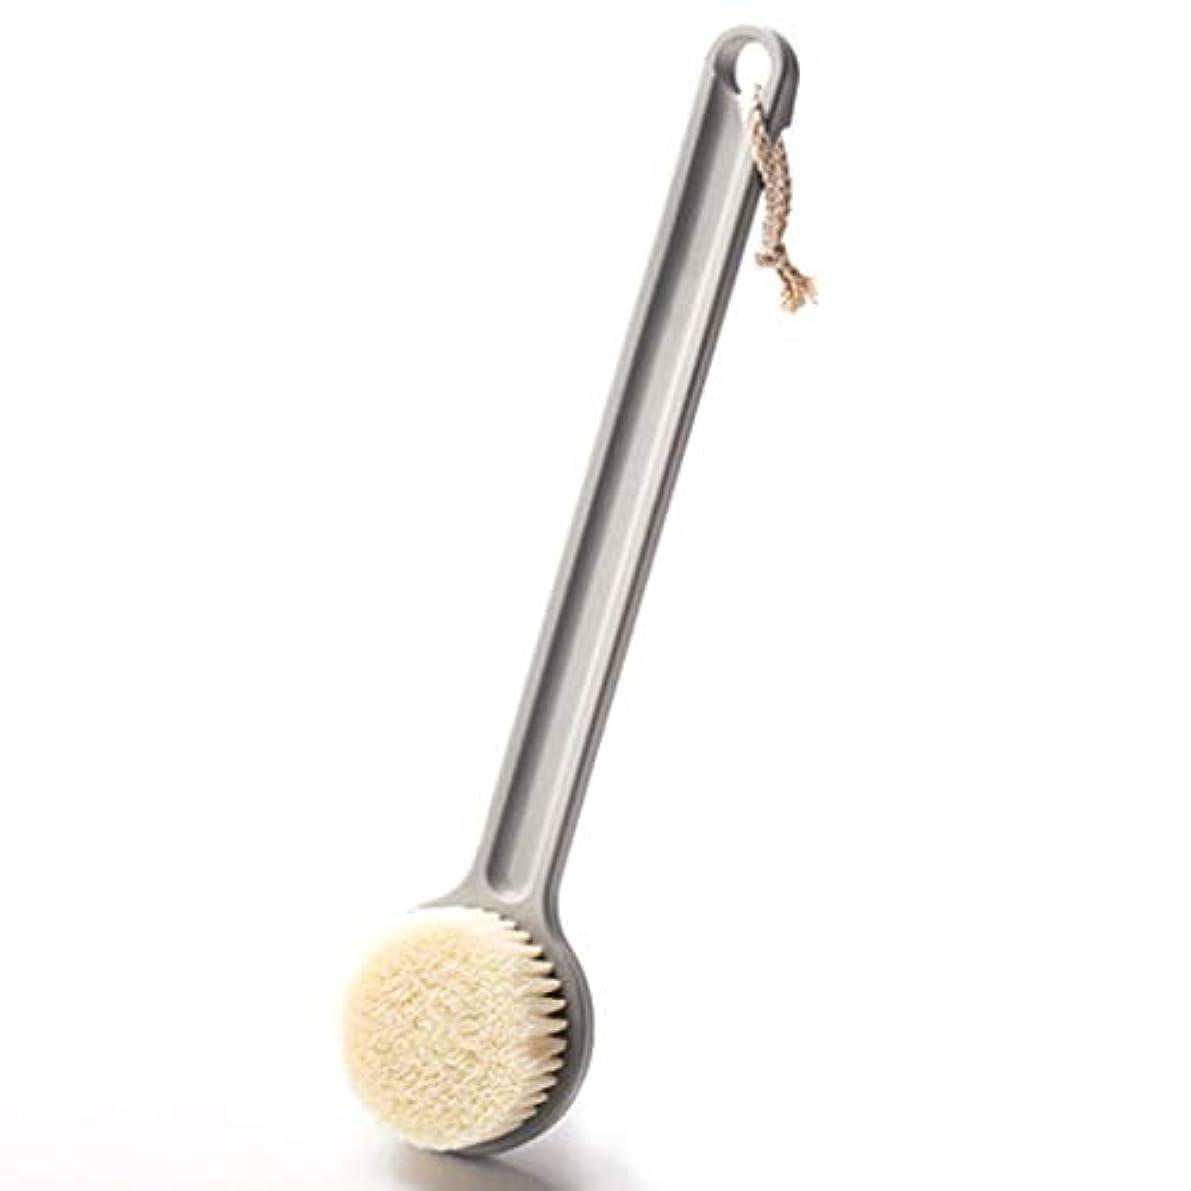 工夫する深遠フィットネスバスブラシバックブラシロングハンドルやわらかい毛髪バスブラシバスブラシ角質除去クリーニングブラシ (Color : Gray)